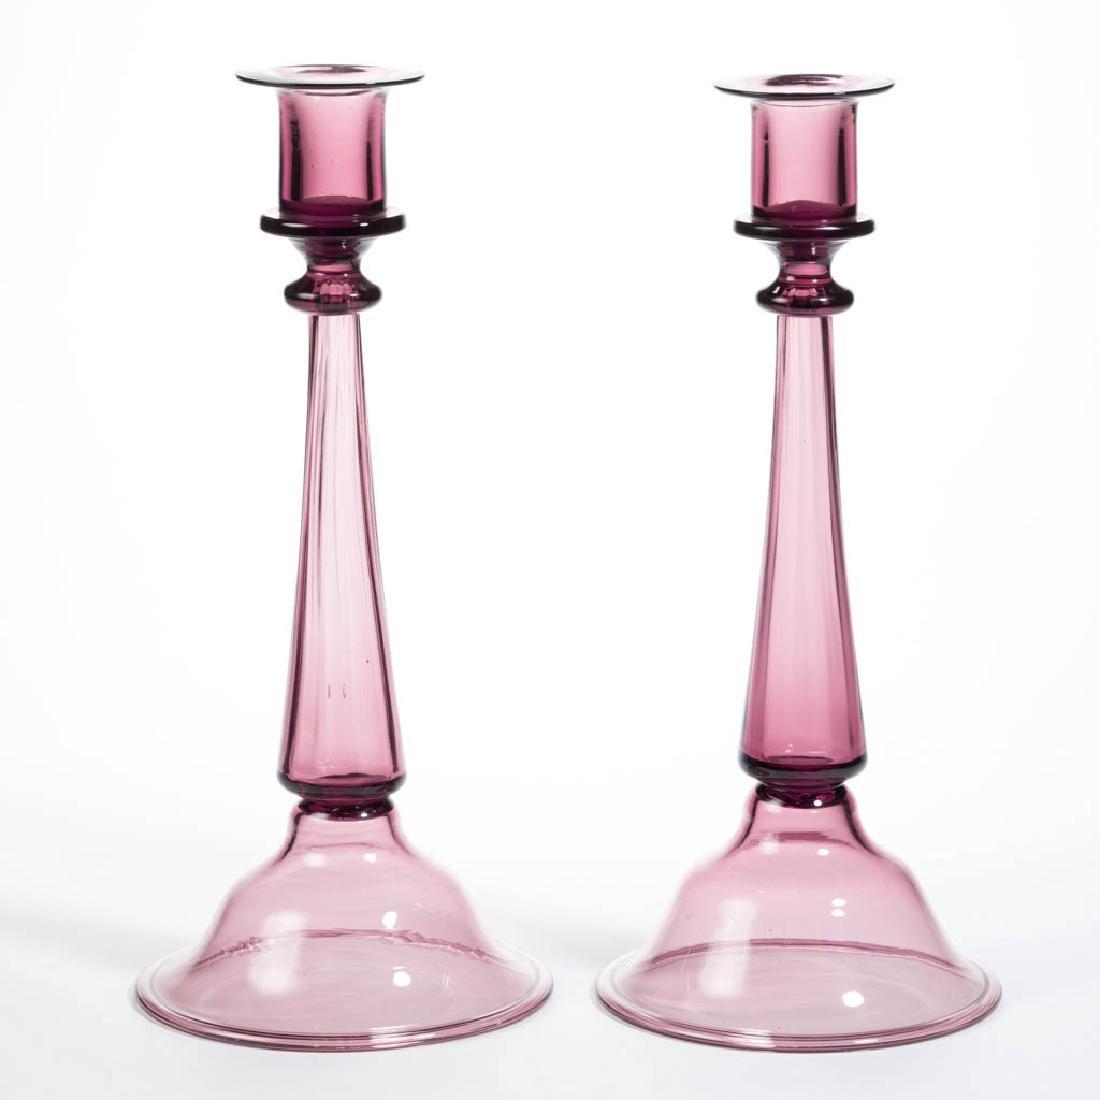 DORFLINGER VENETIAN ART GLASS PAIR OF CANDLESTICKS